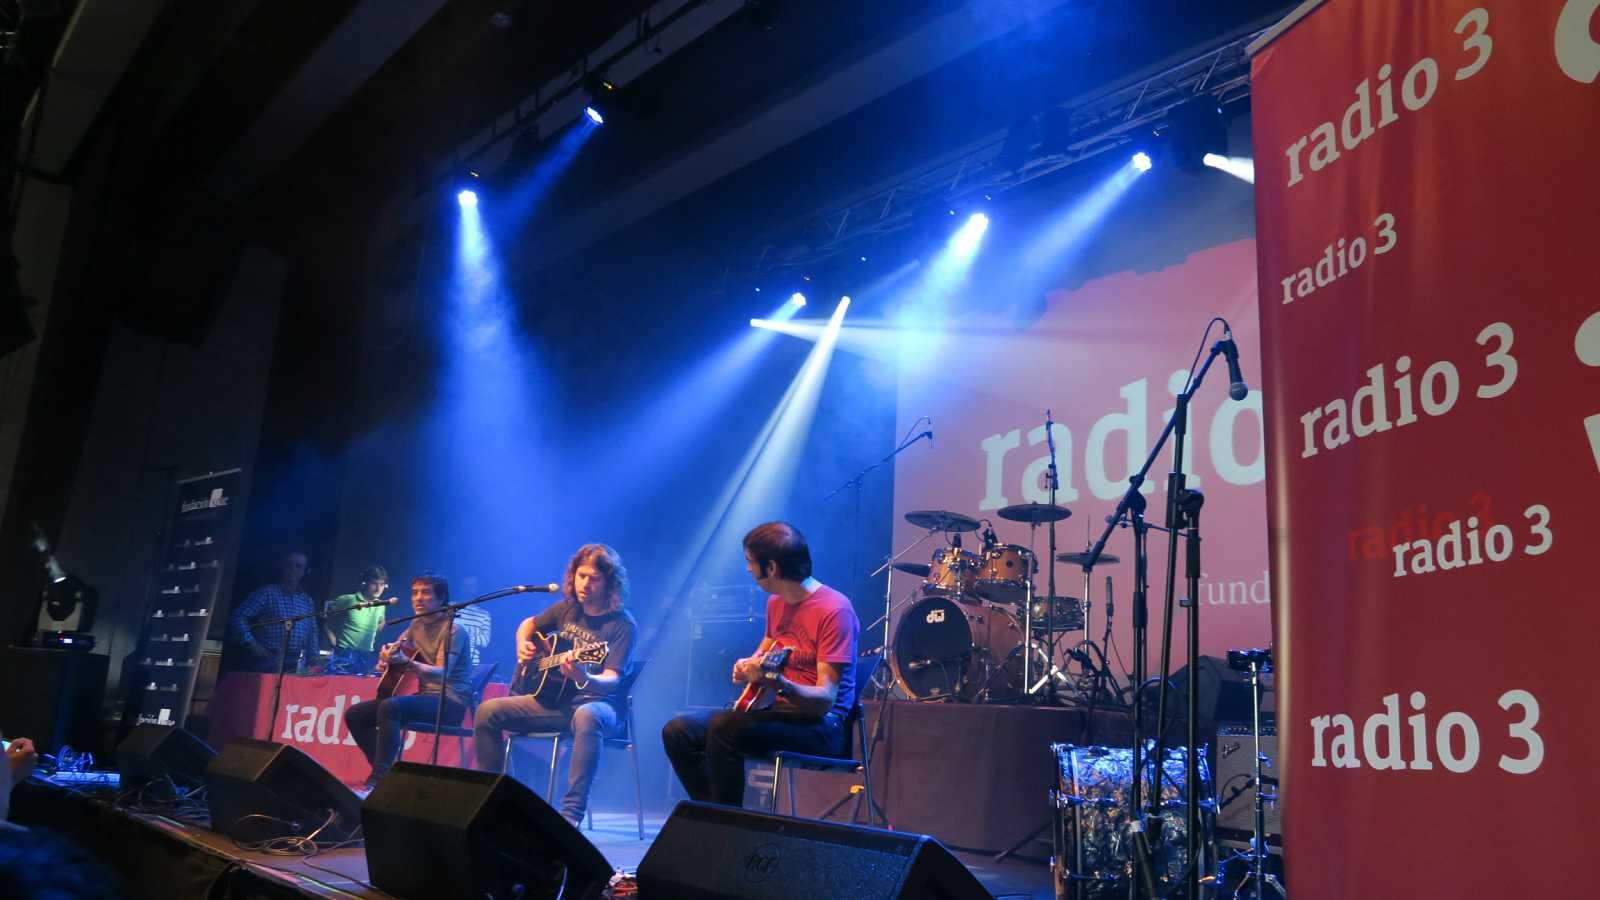 Fiesta de Radio 3 en Santander - 24/10/15 - ESCUCHAR AHORA